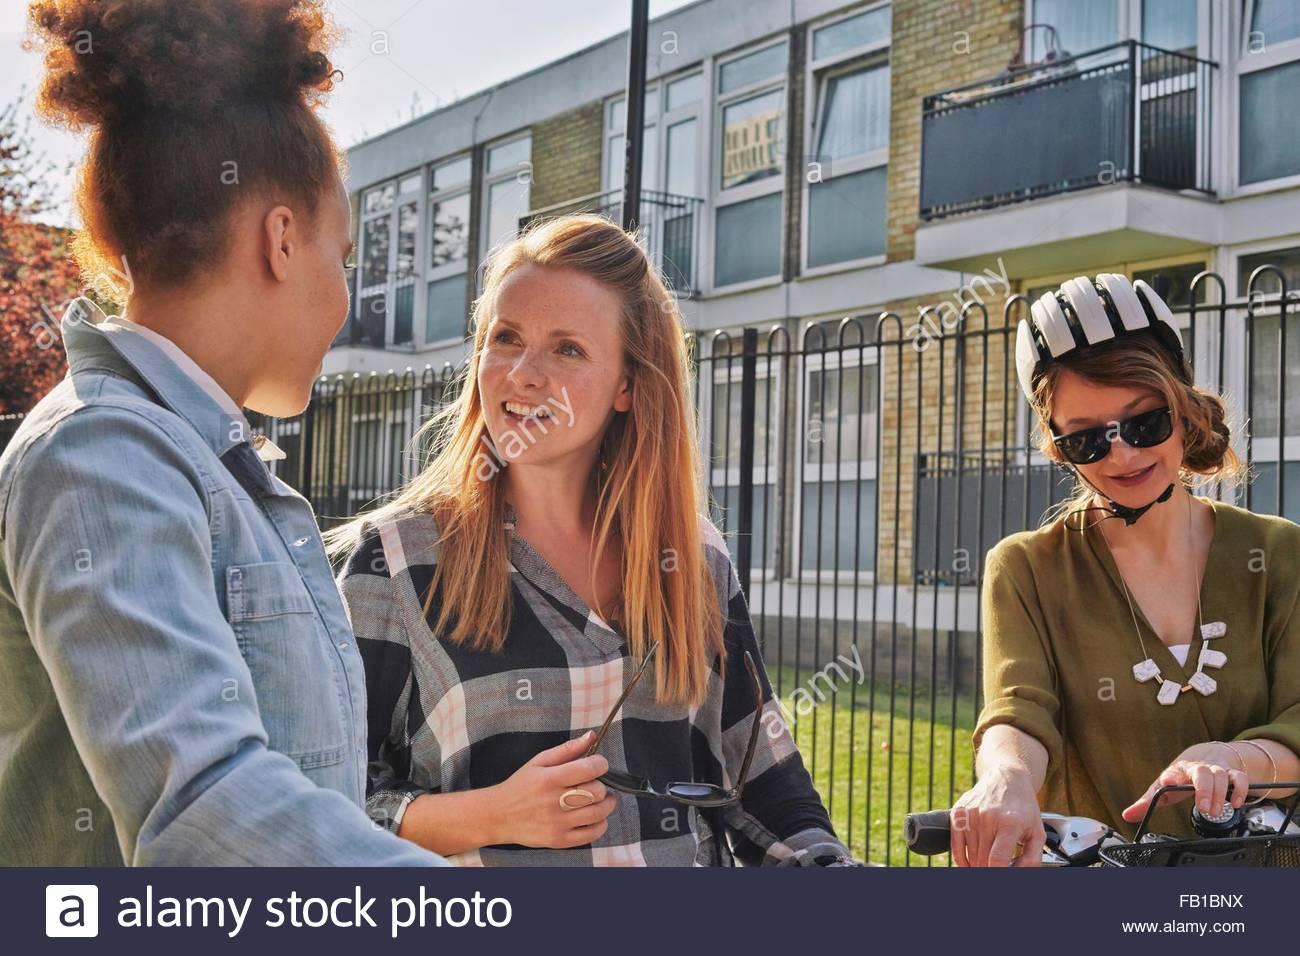 Las mujeres en el área urbana, de cintura para arriba, de pie charlando Imagen De Stock